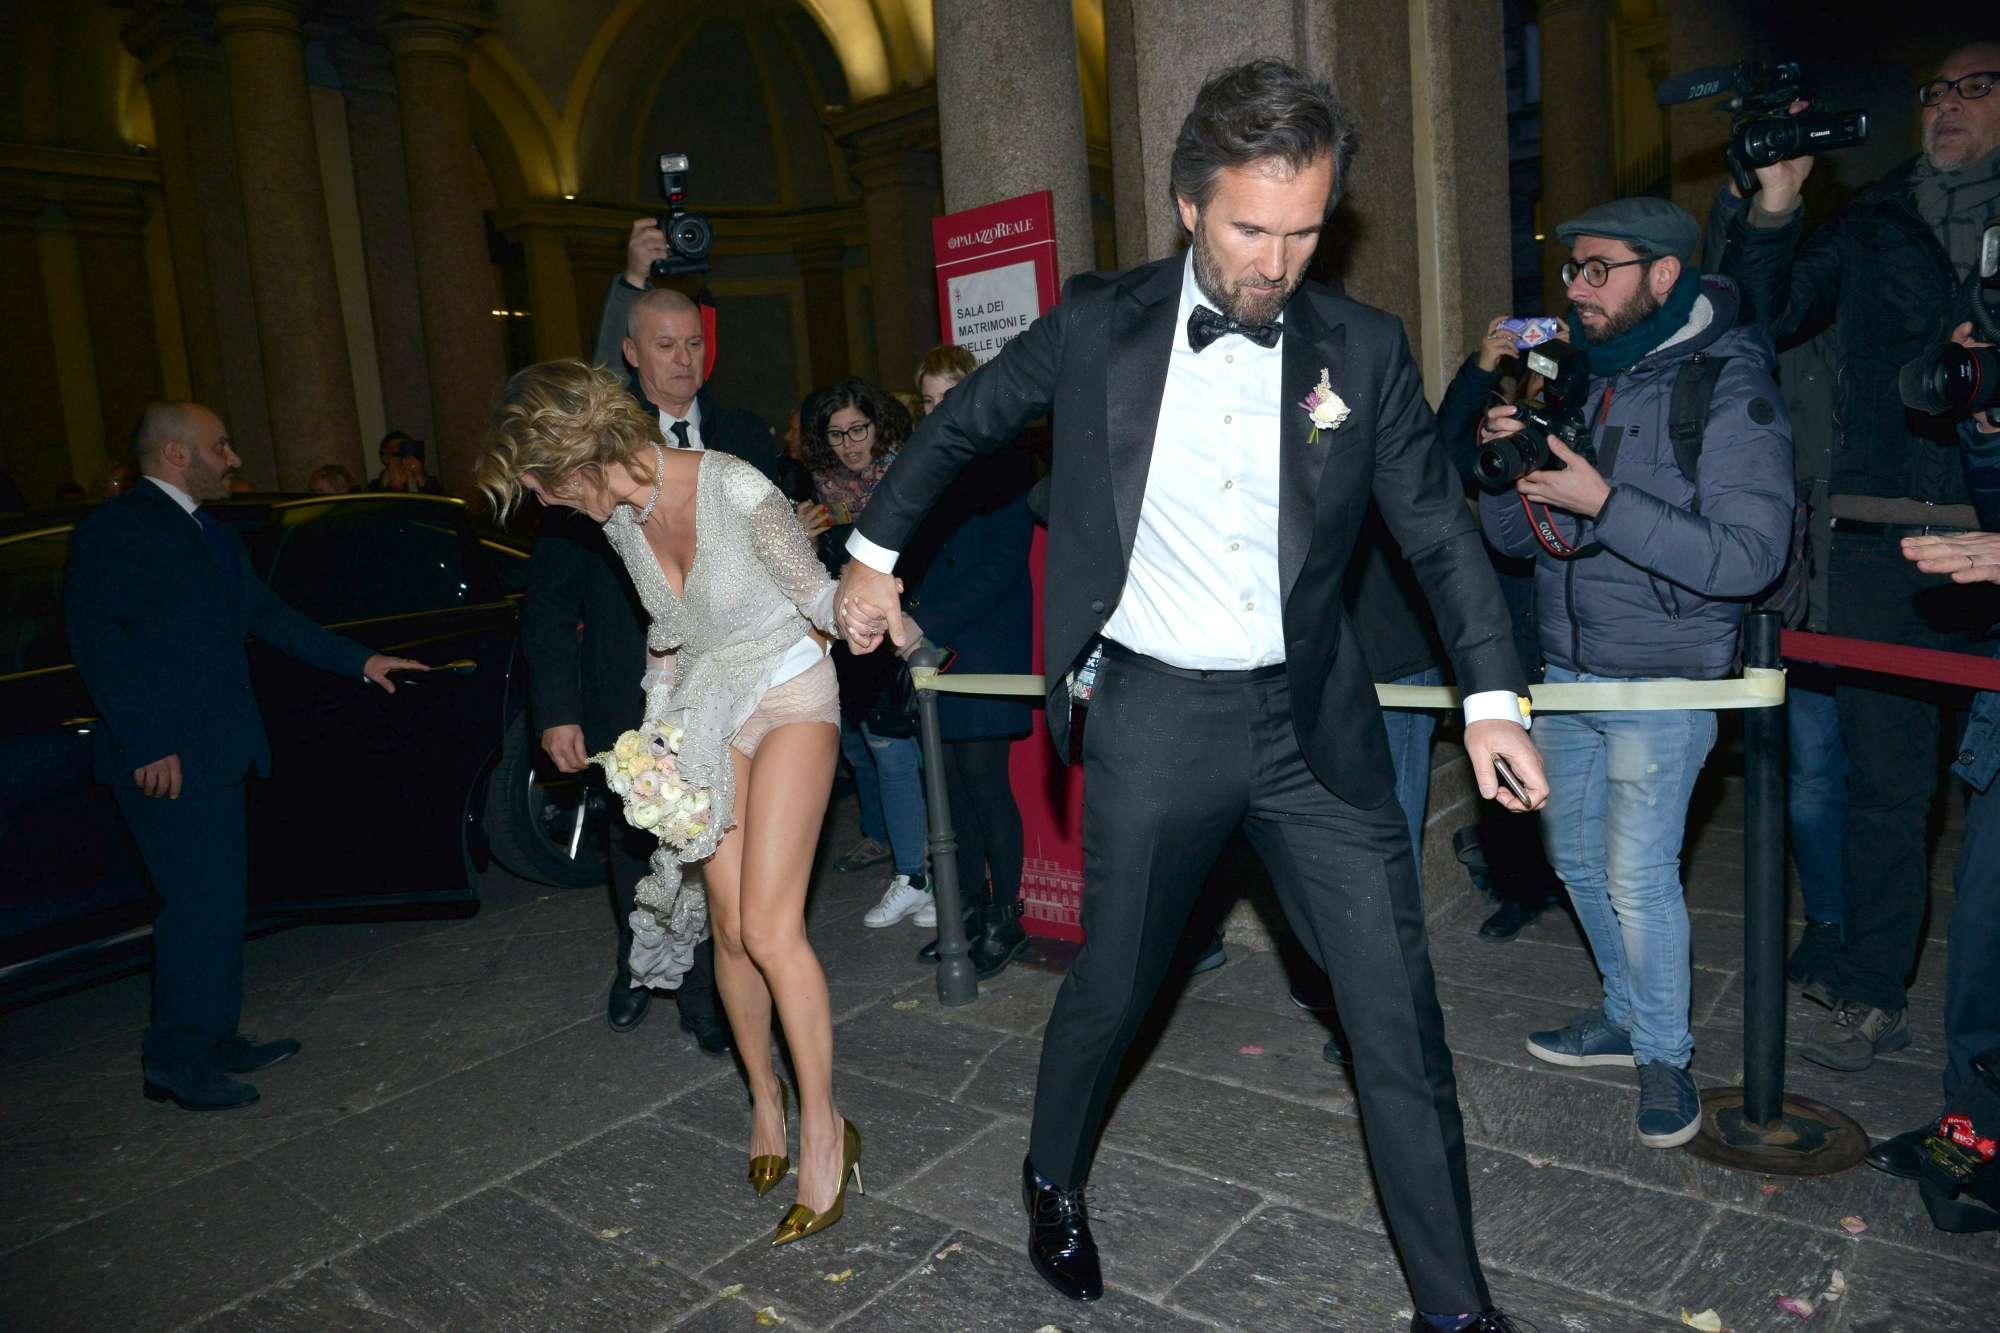 Piccolo incidente per Rosa Fanti prima del matrimonio con Cracco: la sposa quasi in mutande (FOTO)